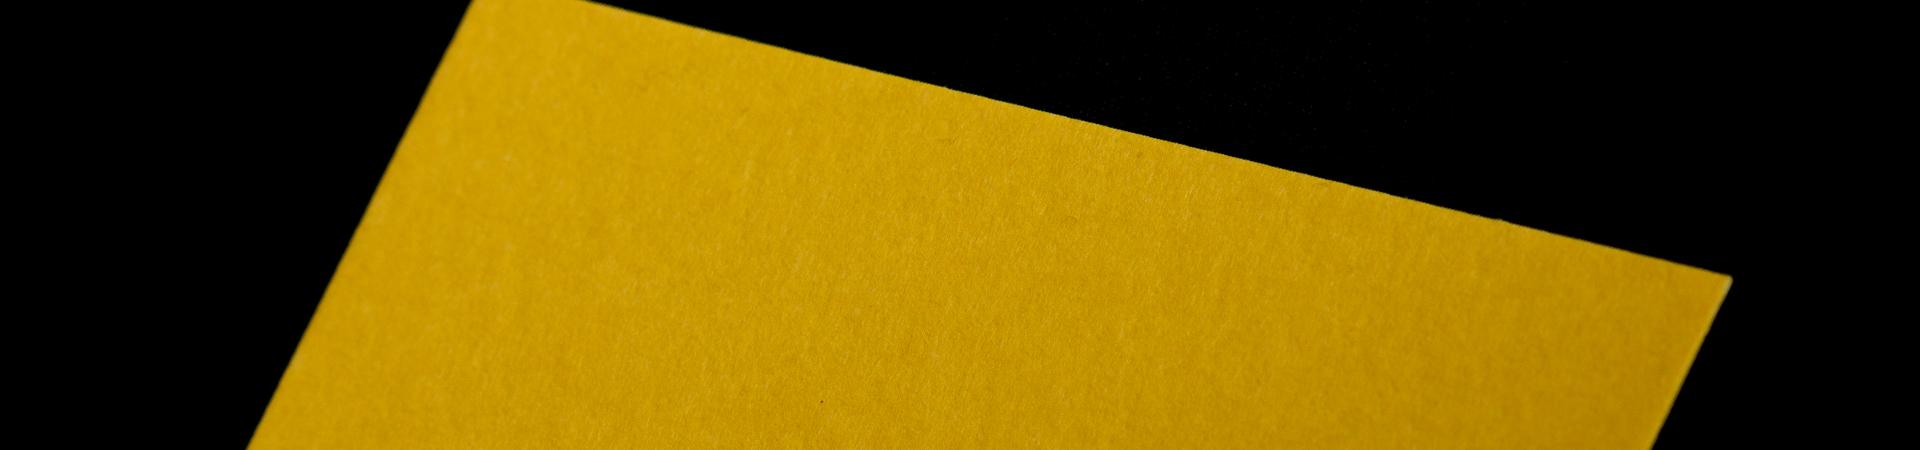 Printing substrates